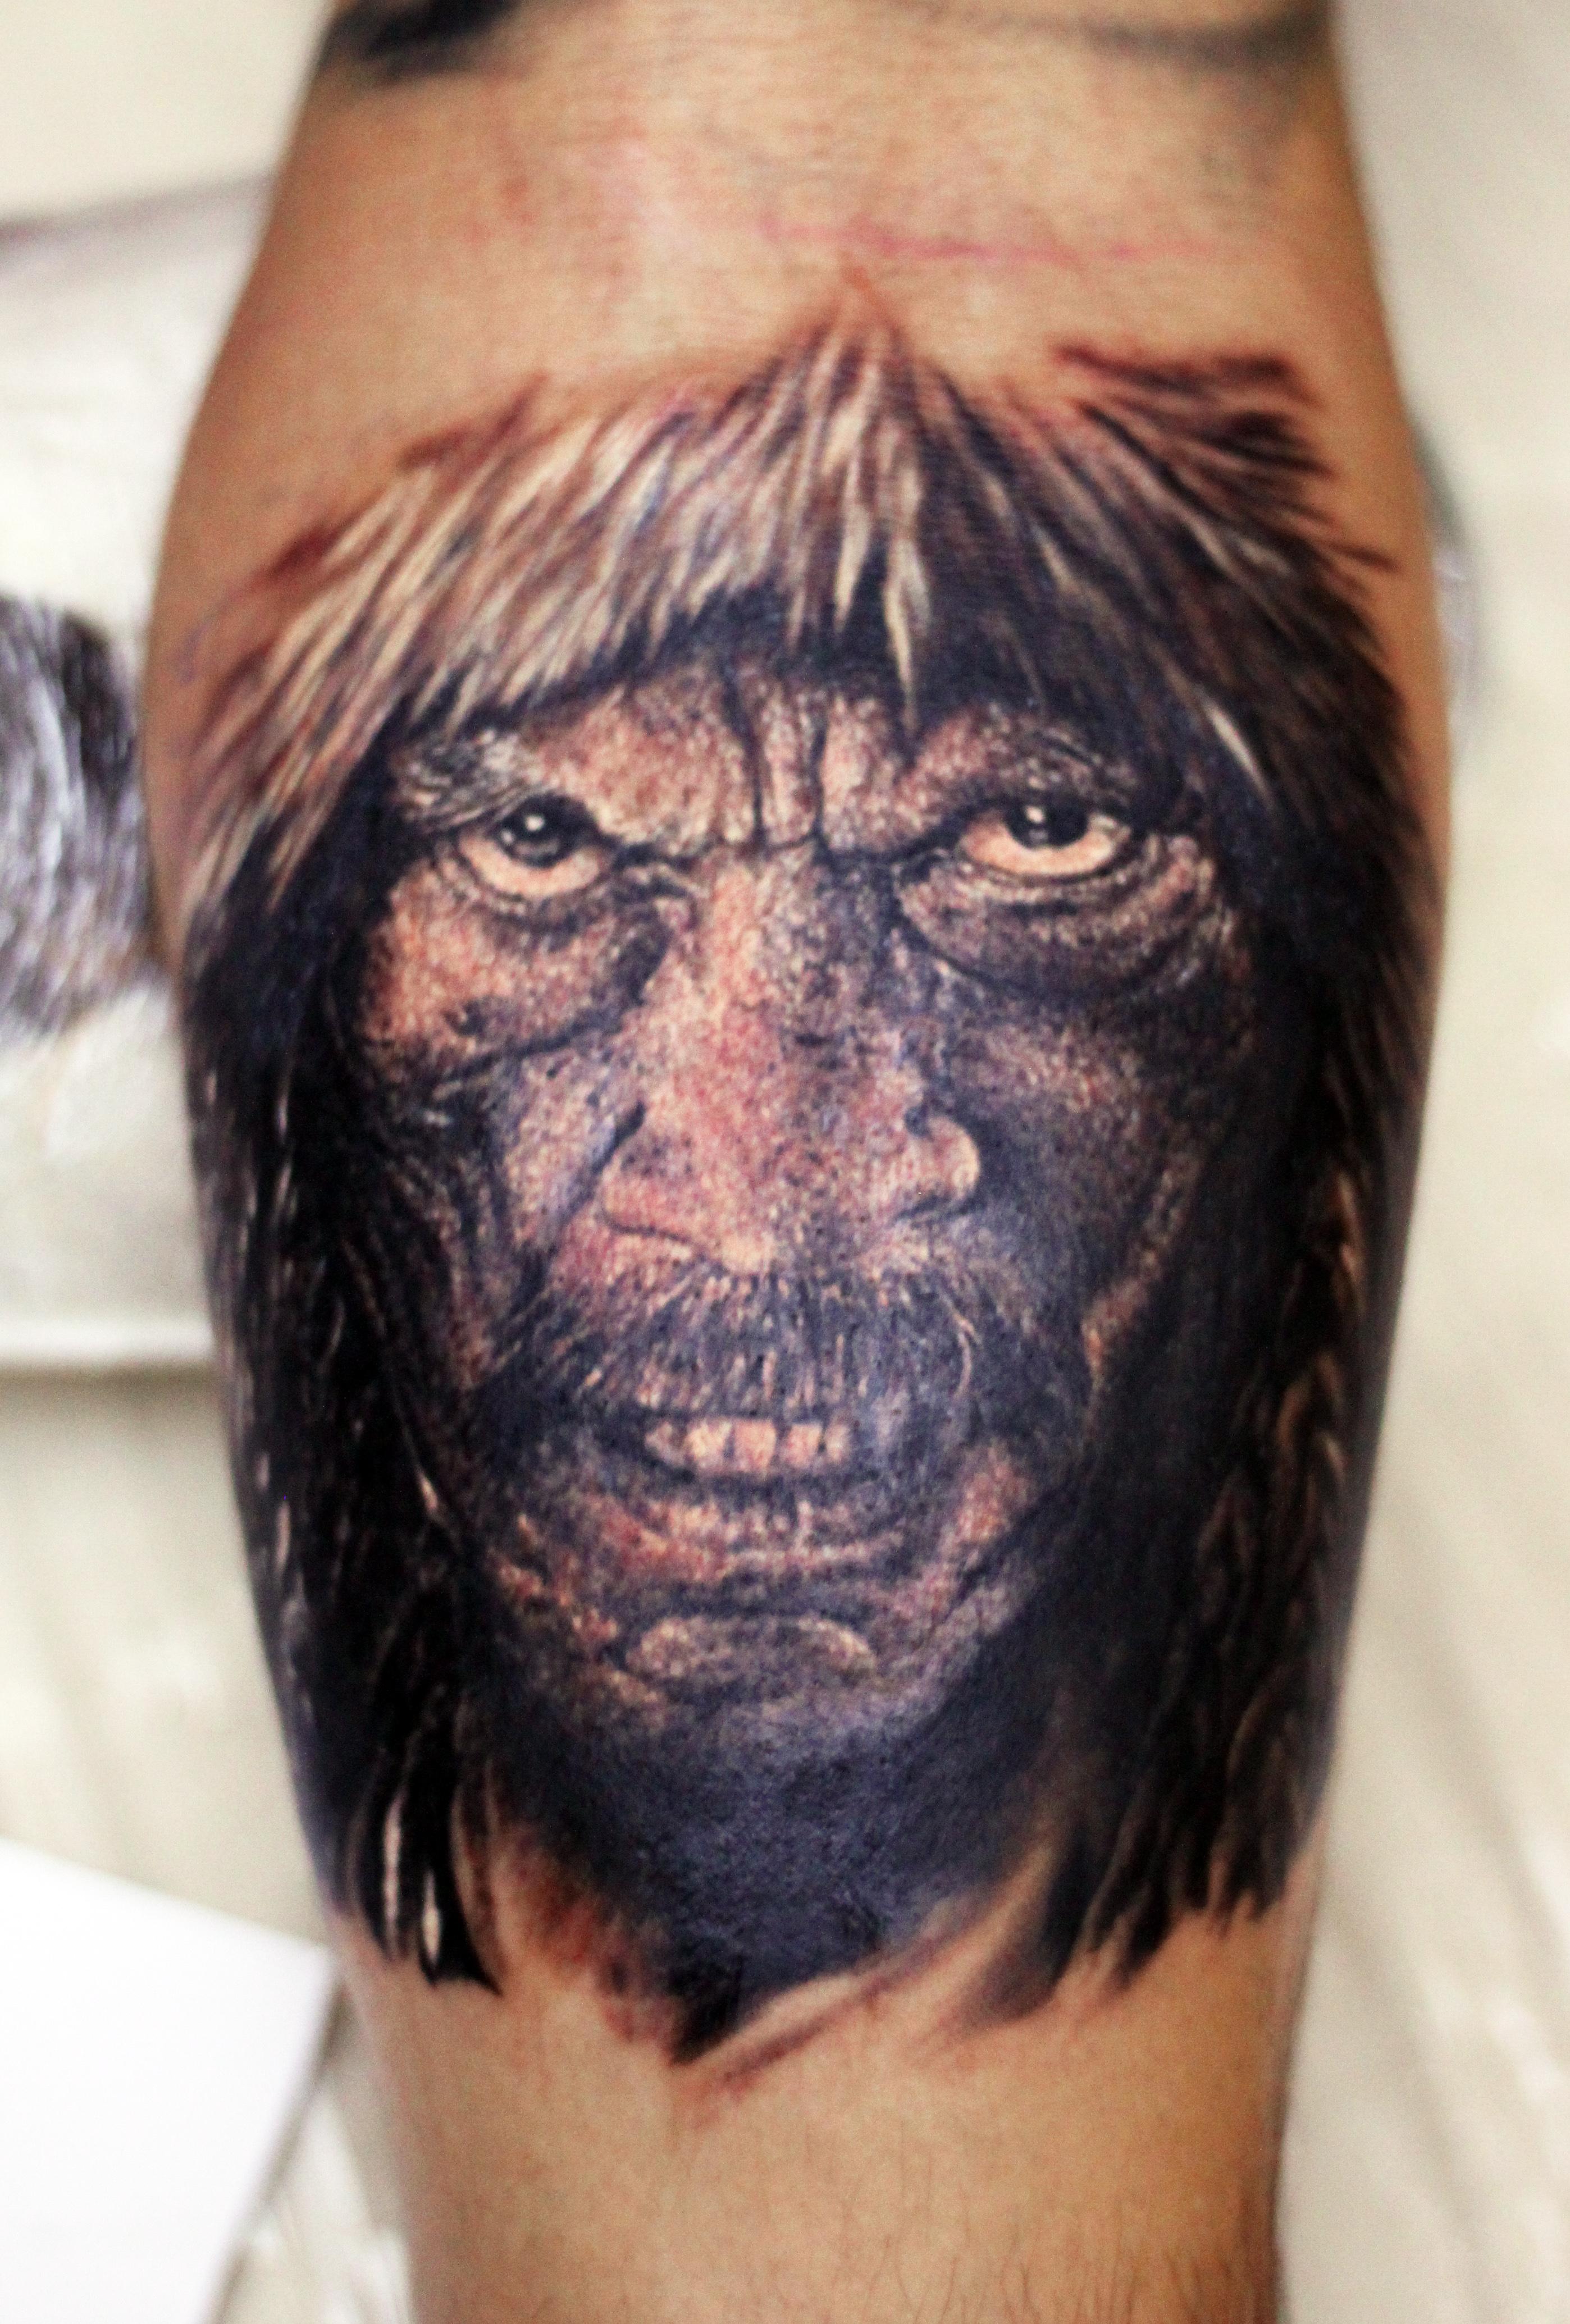 фото татуировки знаменитости Дэнни Трехо